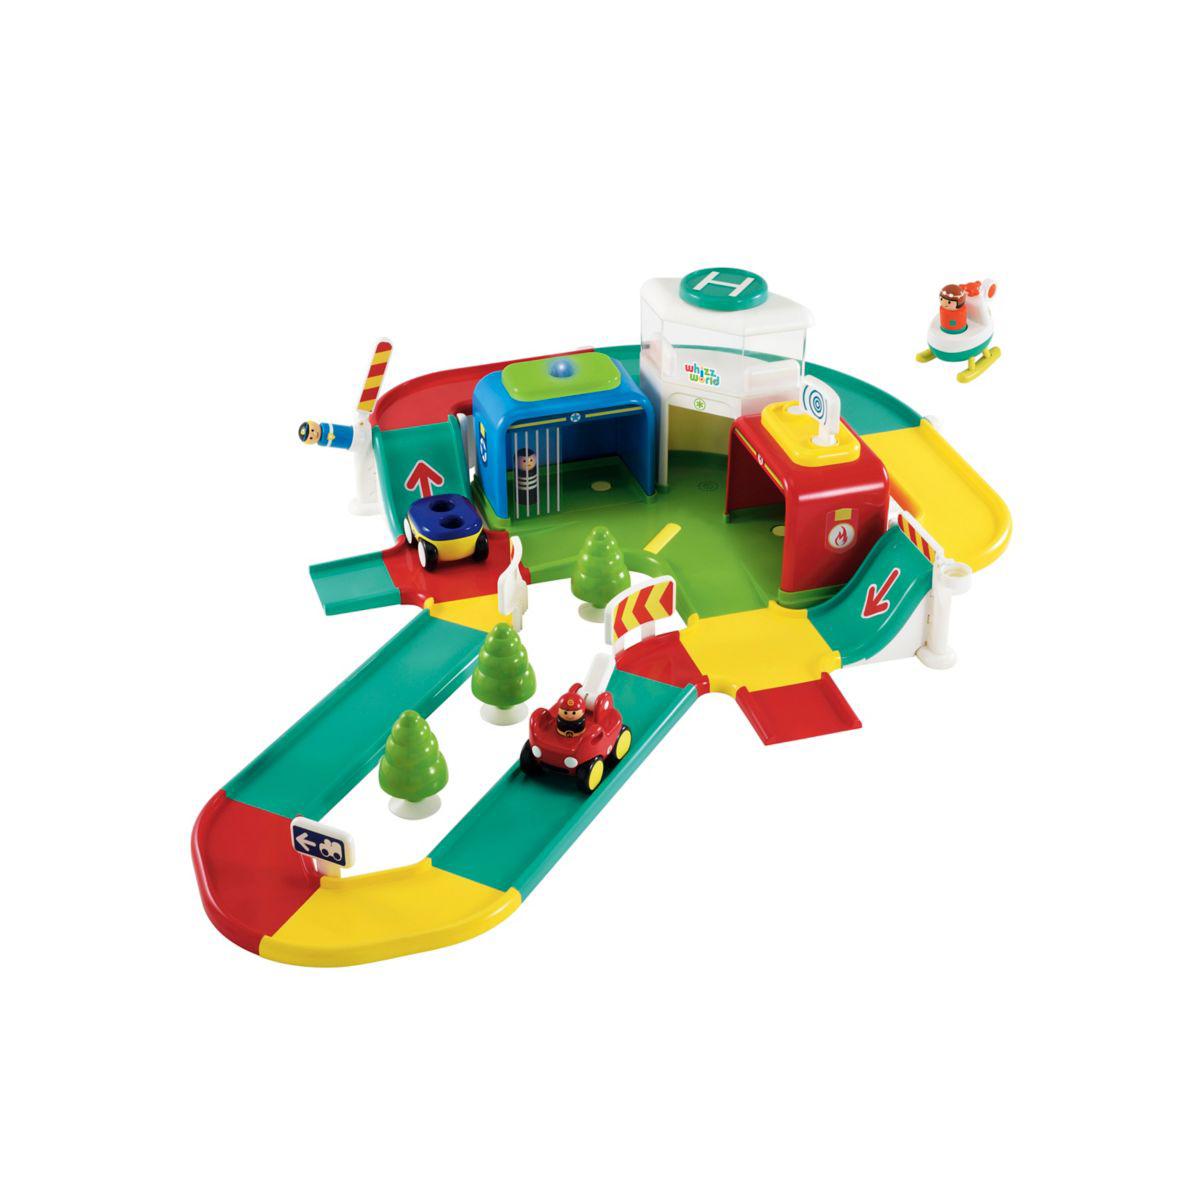 Whizz World Rescue Centre